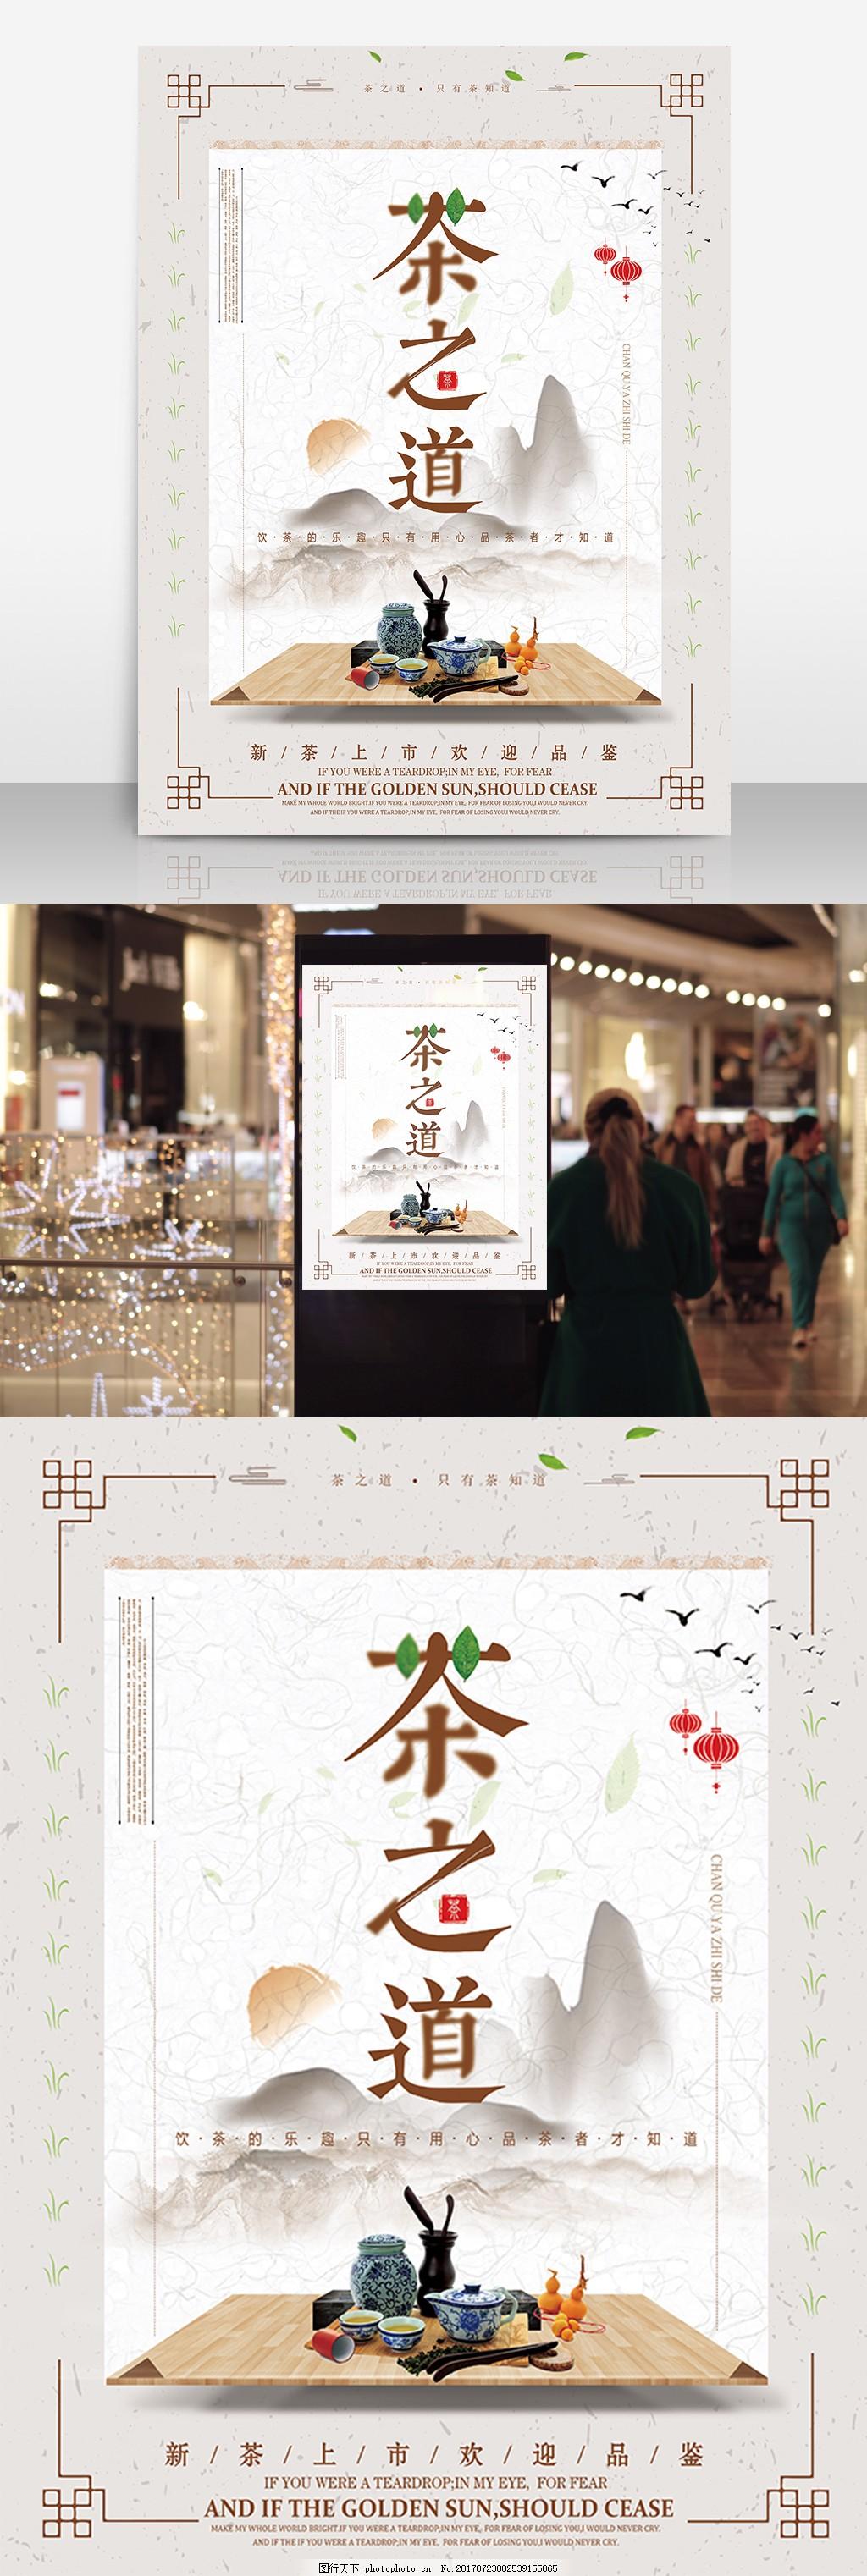 茶文化宣传水墨山水风海报 茶文化海报 禅 灯笼 飞燕 中国风山